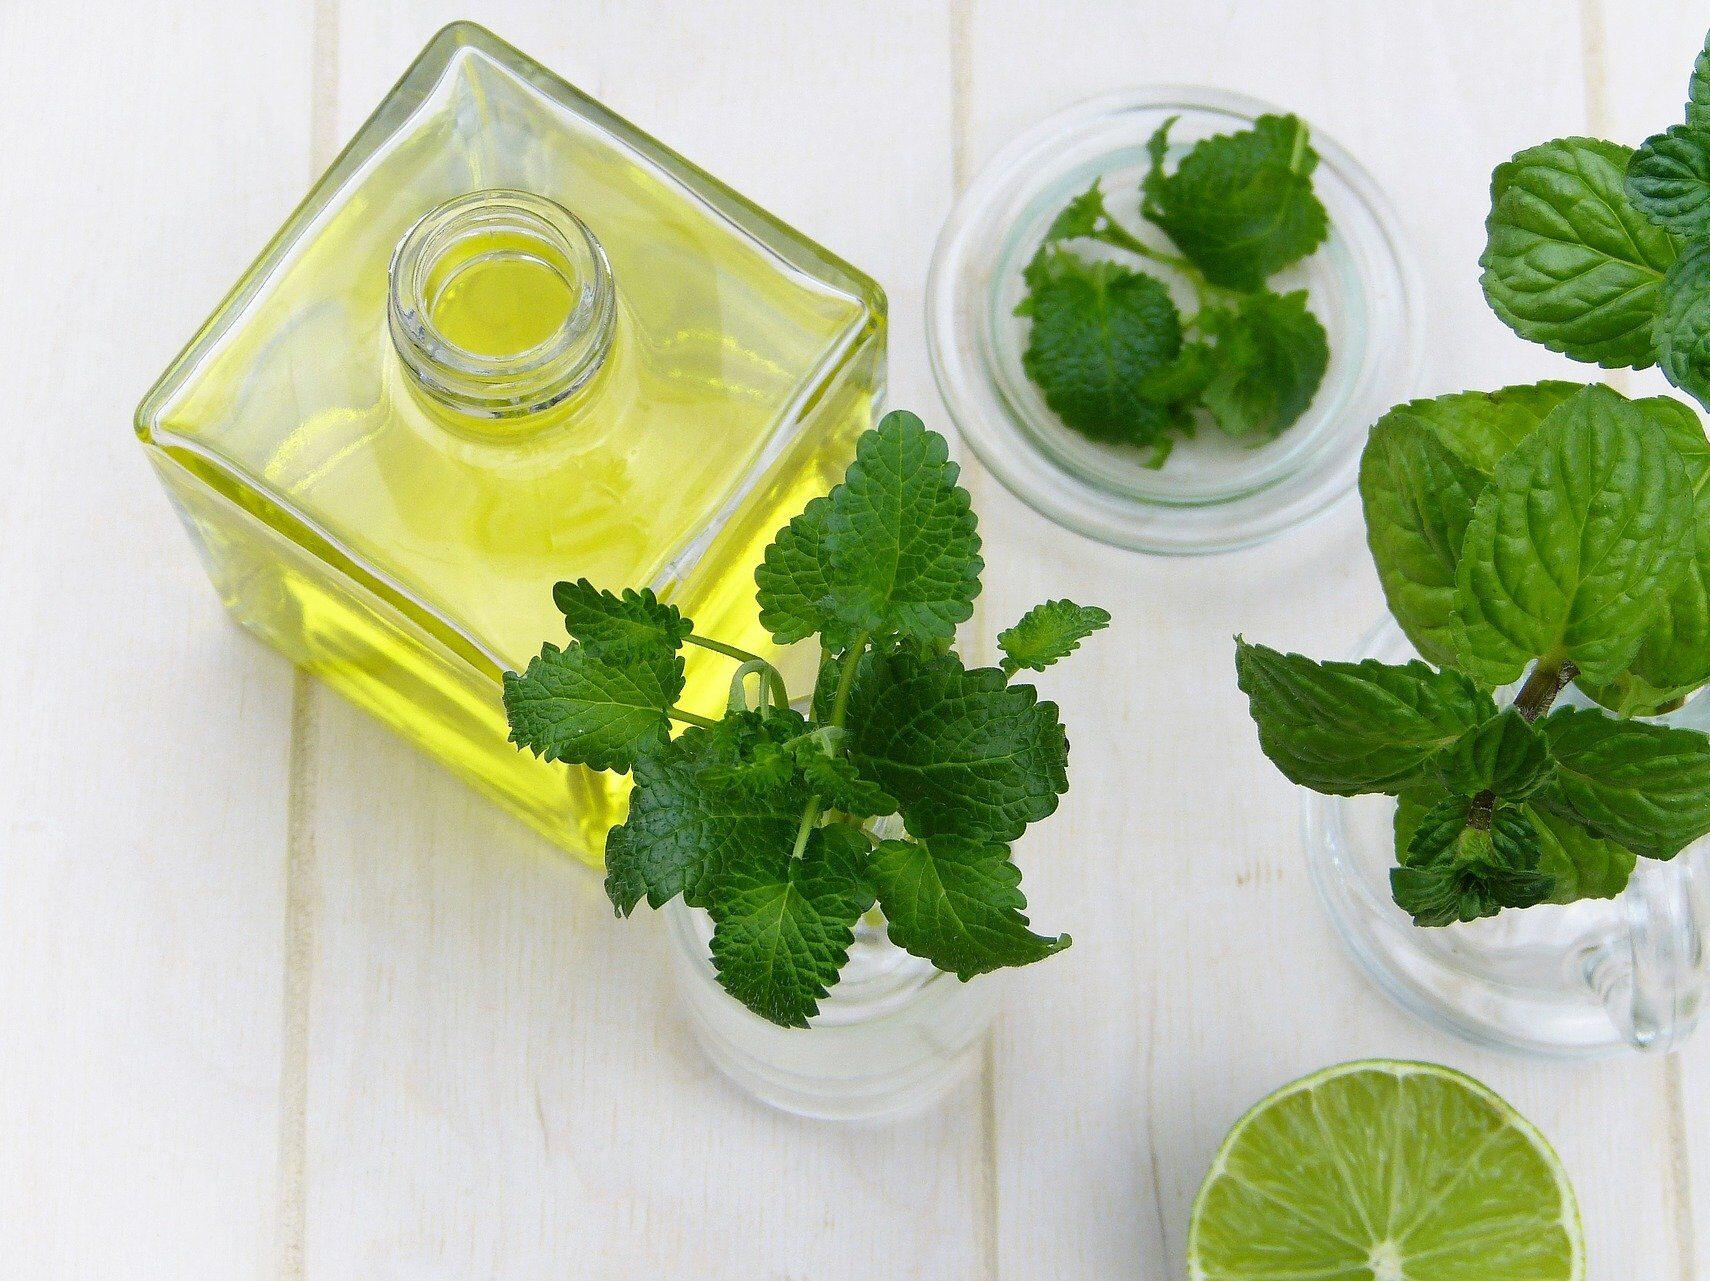 Olio essenziale di menta piperita, utile per ridurre la sensazione di sonnolenza